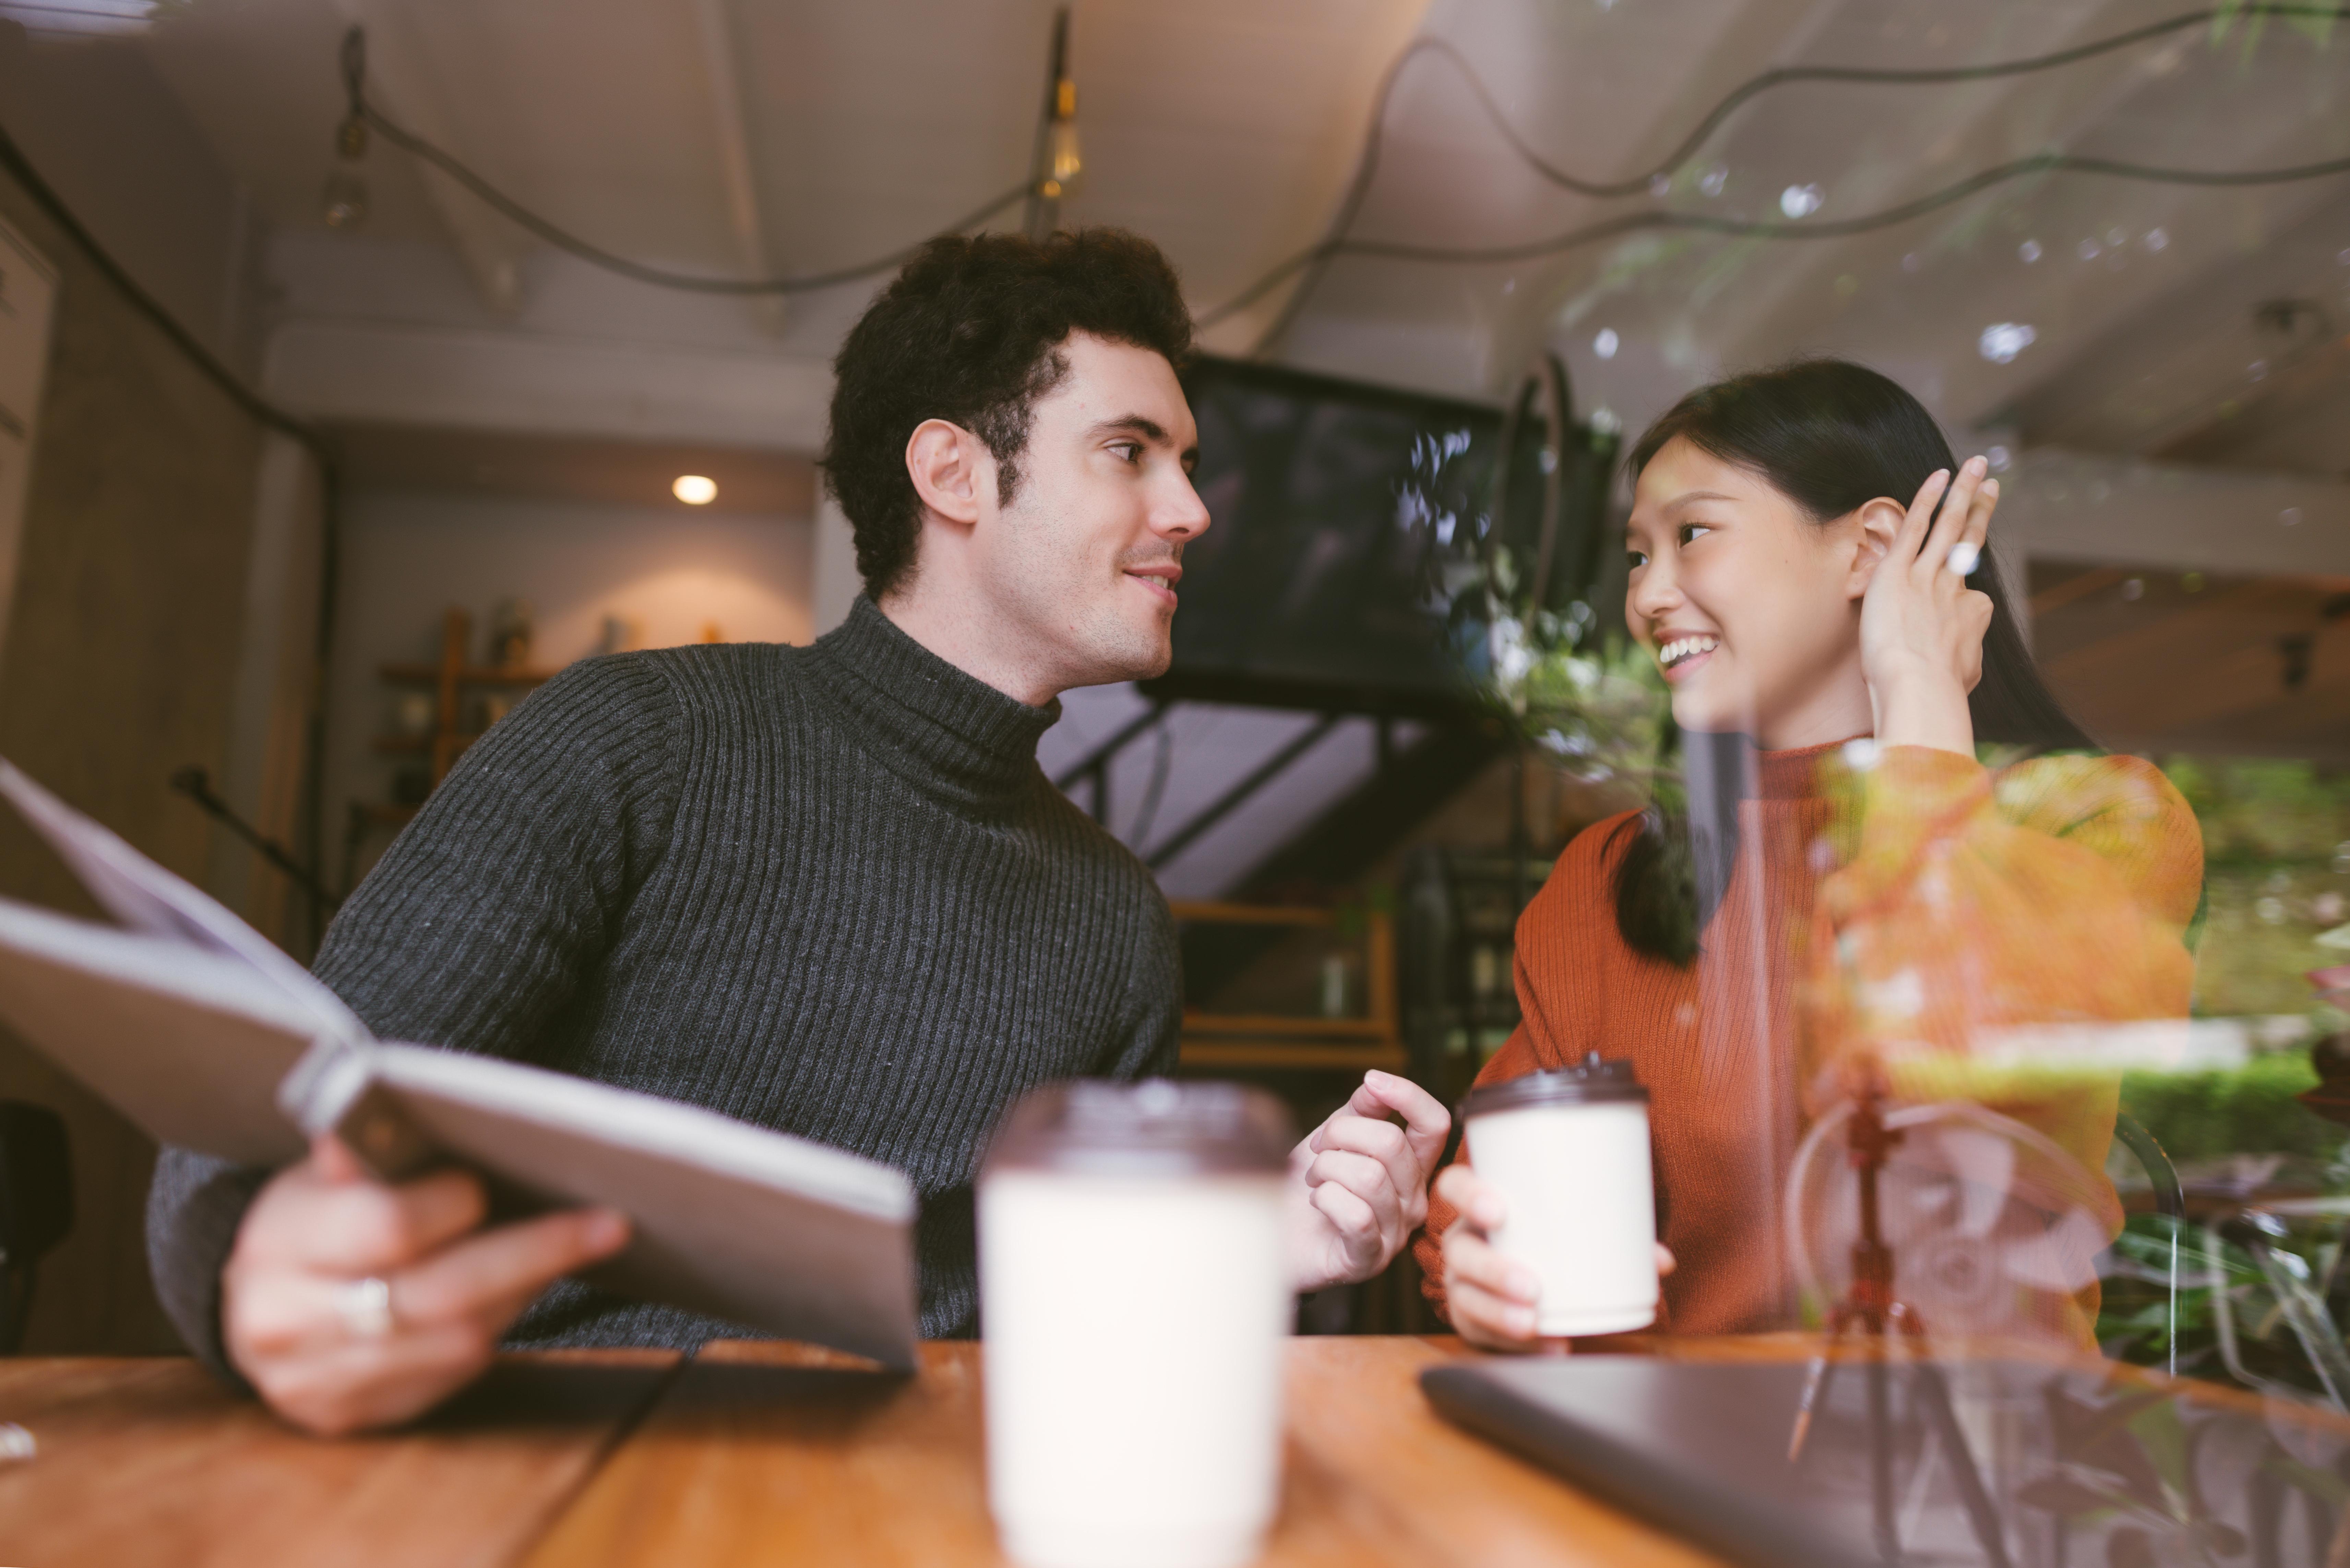 Caucasian guy dating an Asian girl